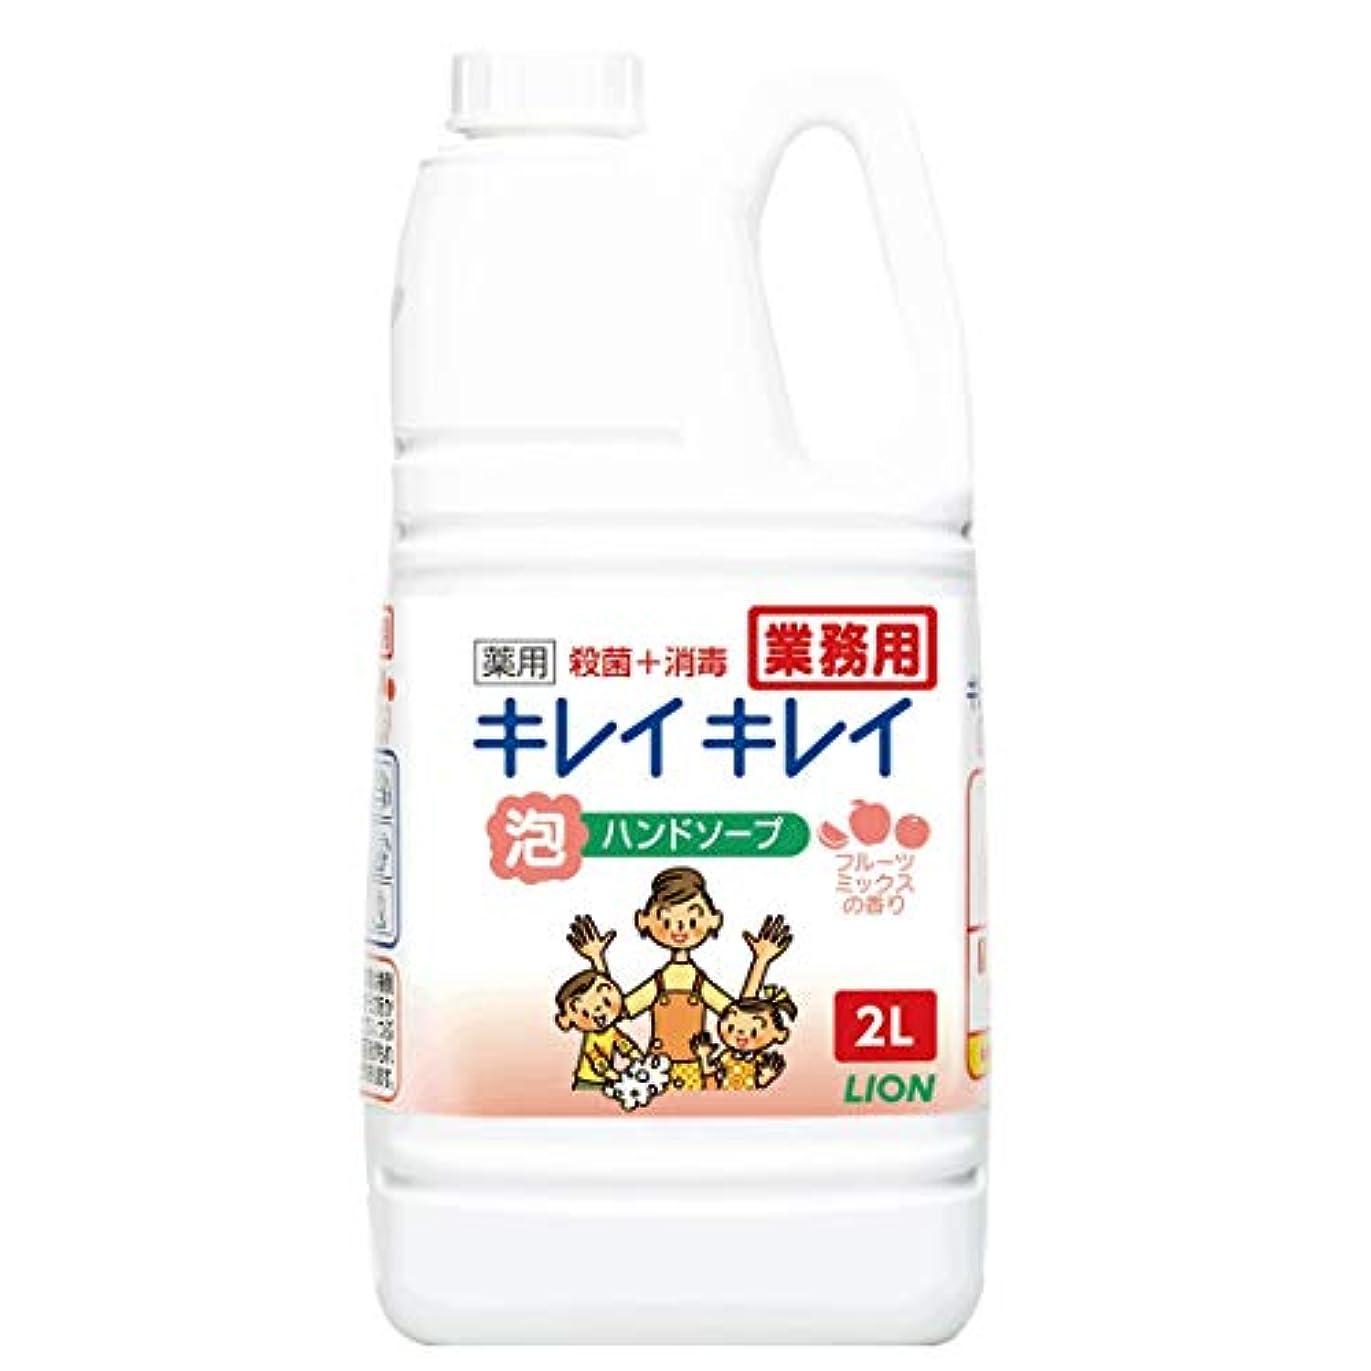 独立した虫を数えるコインランドリー【大容量】キレイキレイ 薬用泡ハンドソープ フルーツミックスの香り 2L